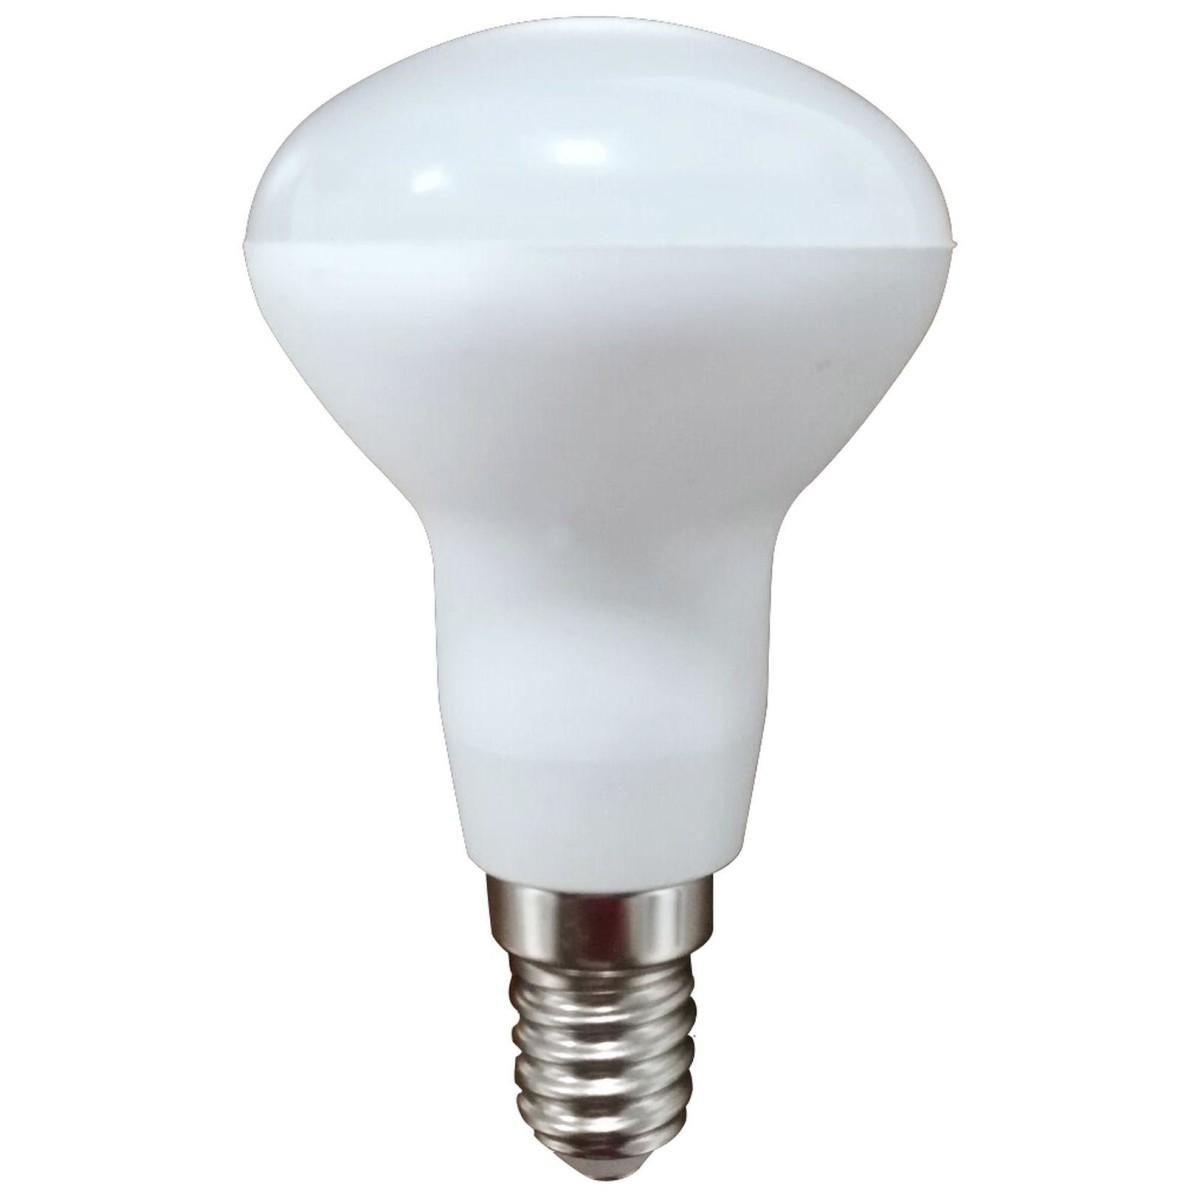 Лампа Ecola light светодионая E14 4 Вт рефлекторная 280 Лм теплый свет